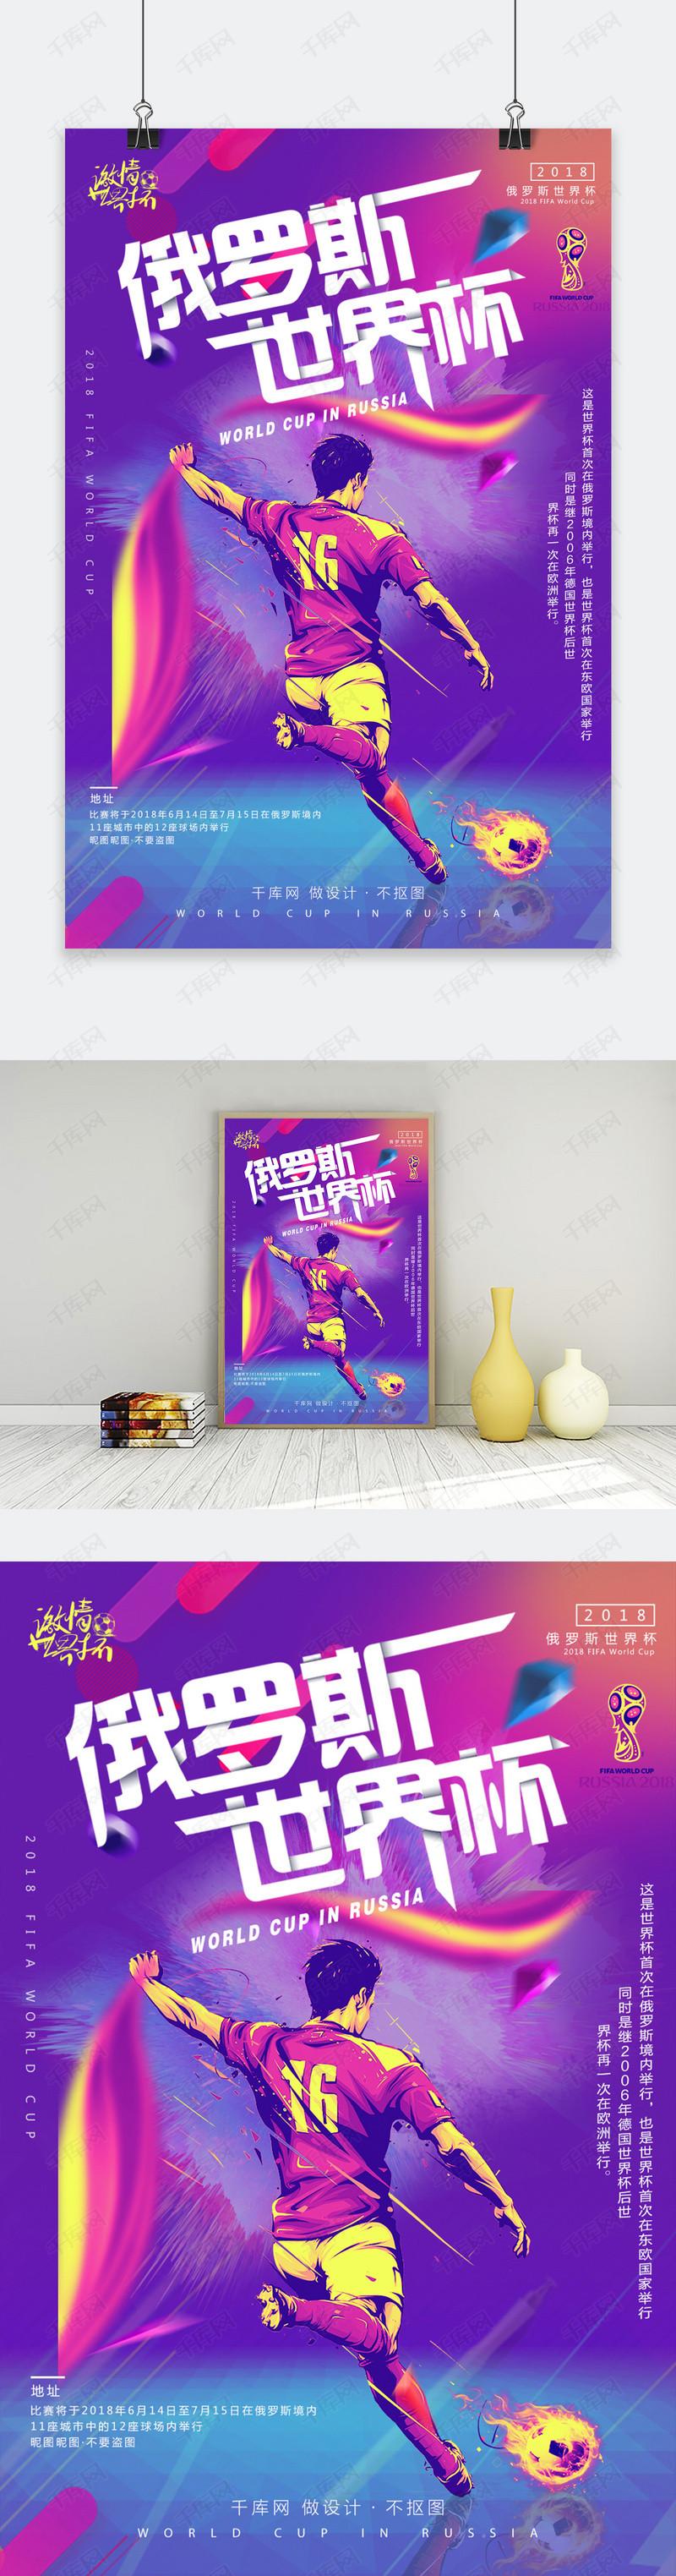 千库原创俄罗斯世界杯海报